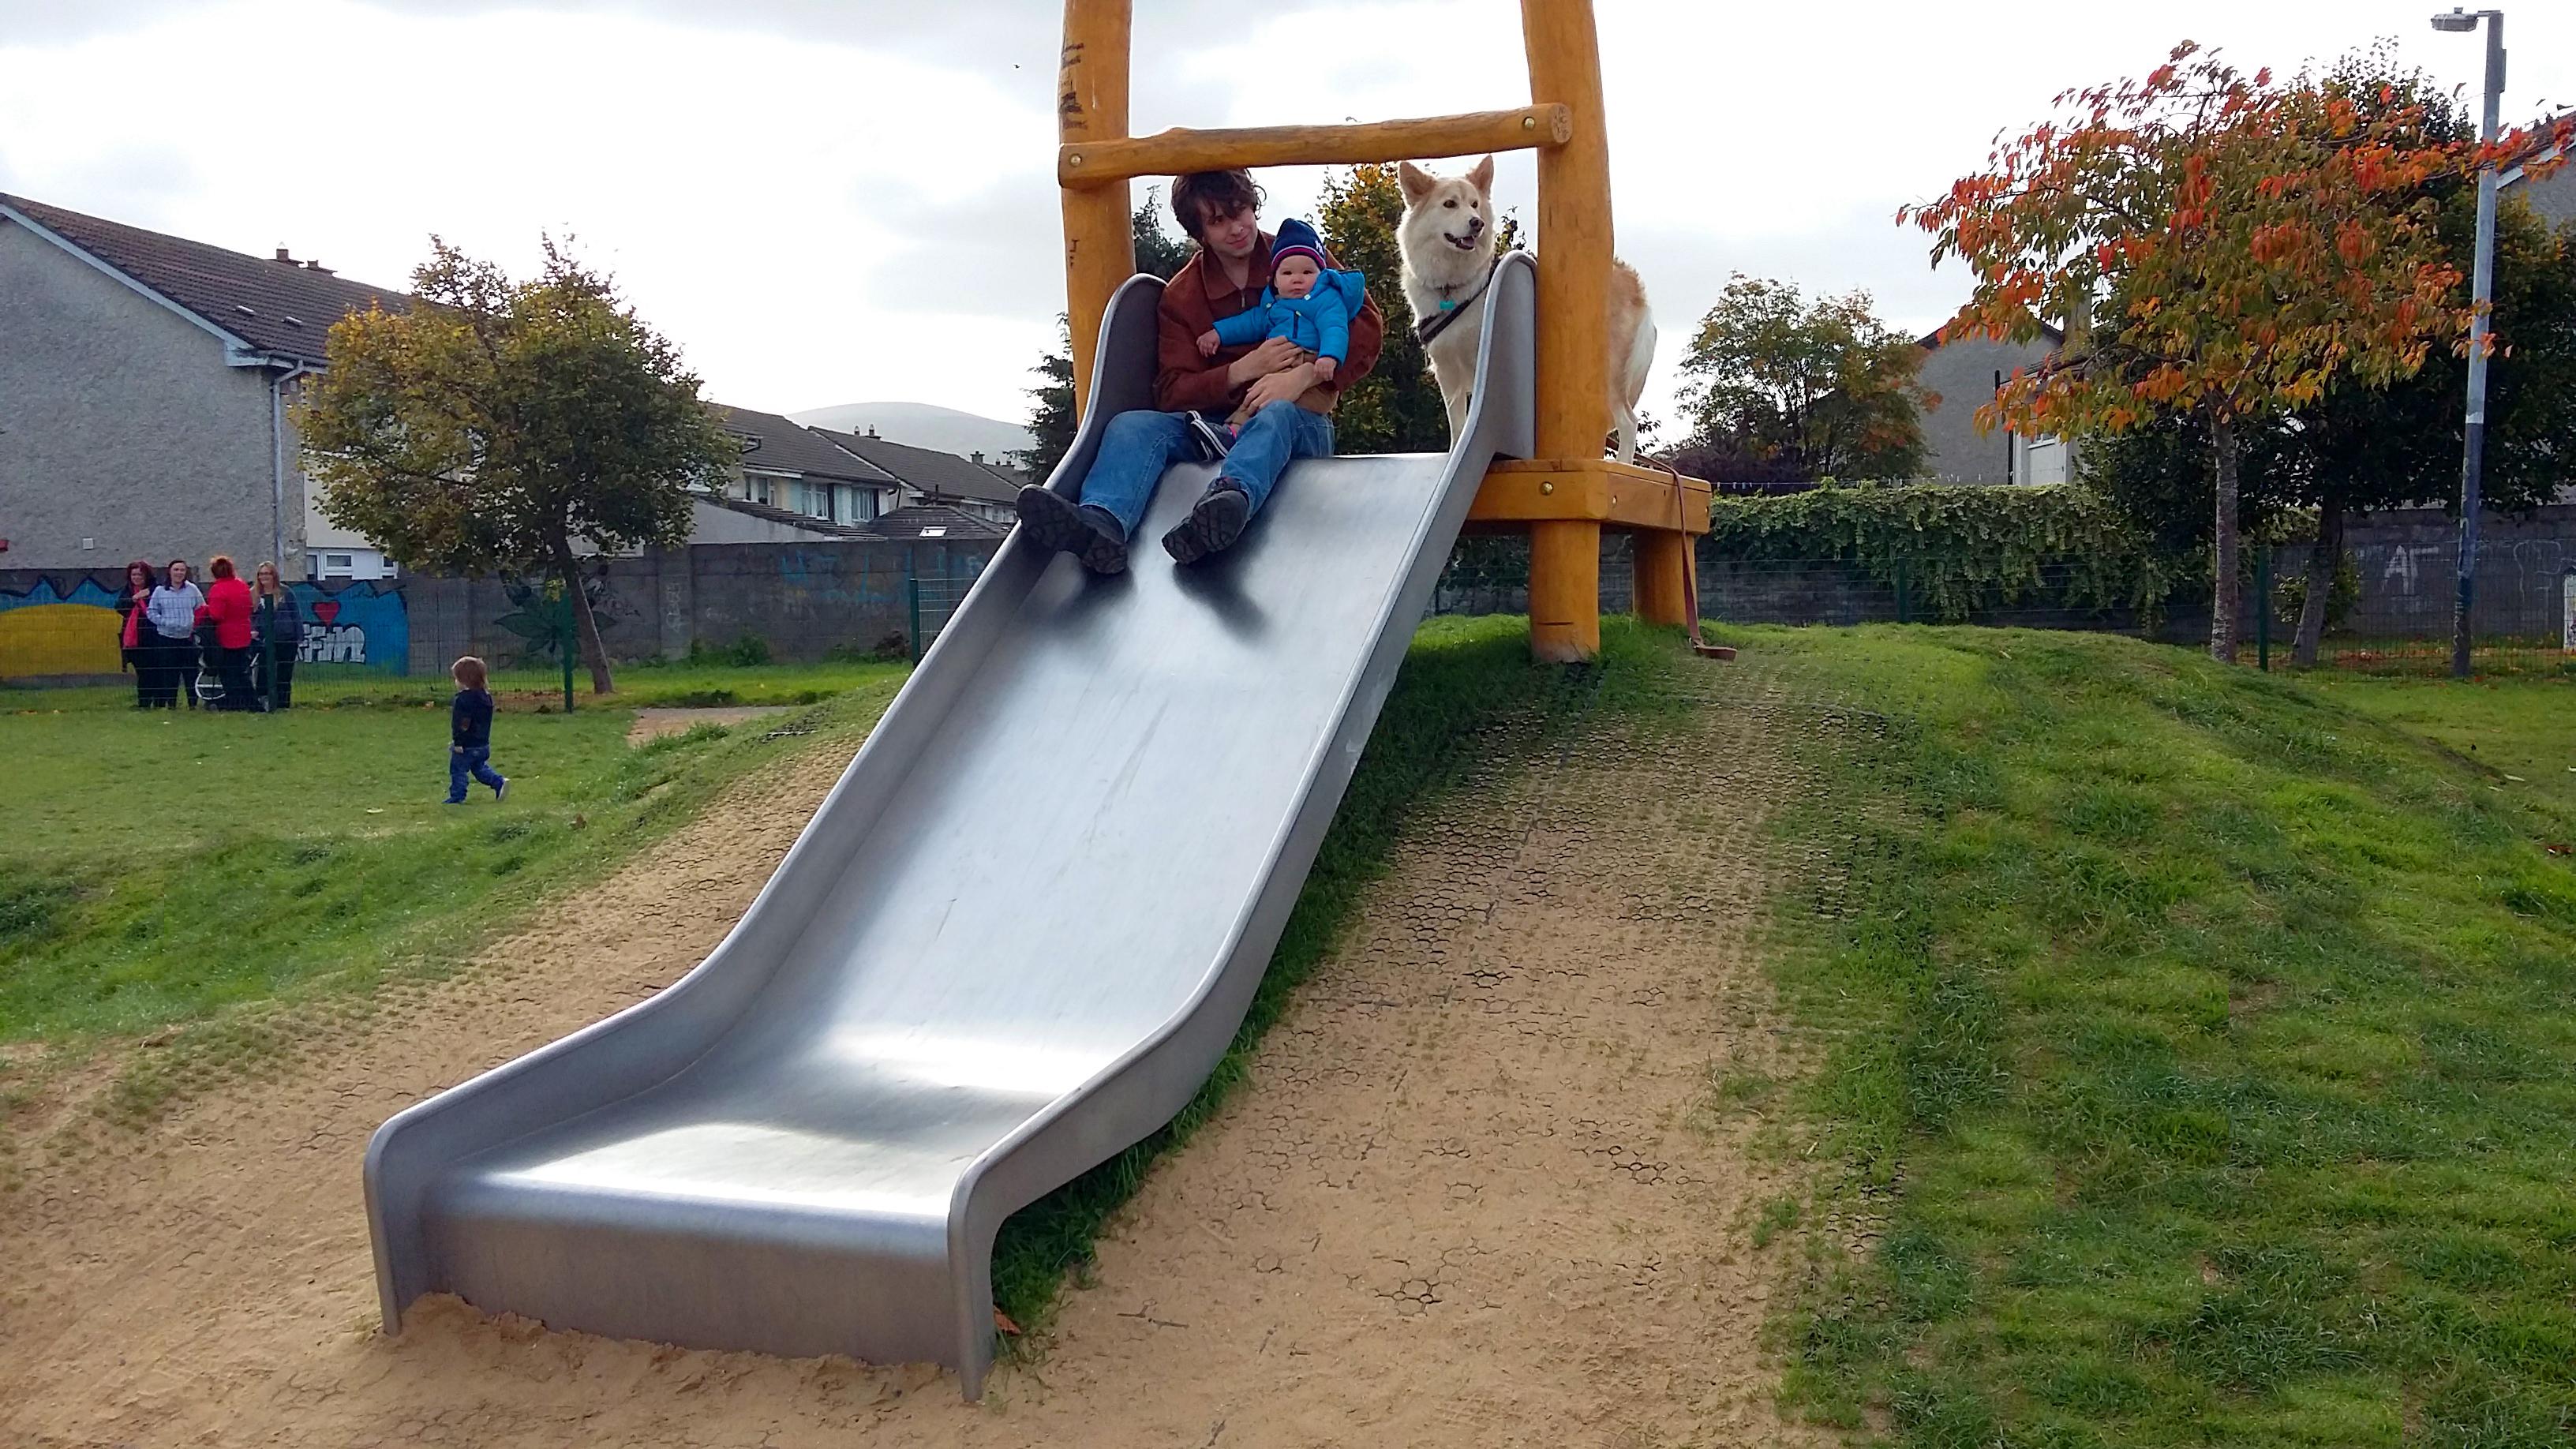 Slope slide h 1.2 m, width 1.00 m with platform - 5.141